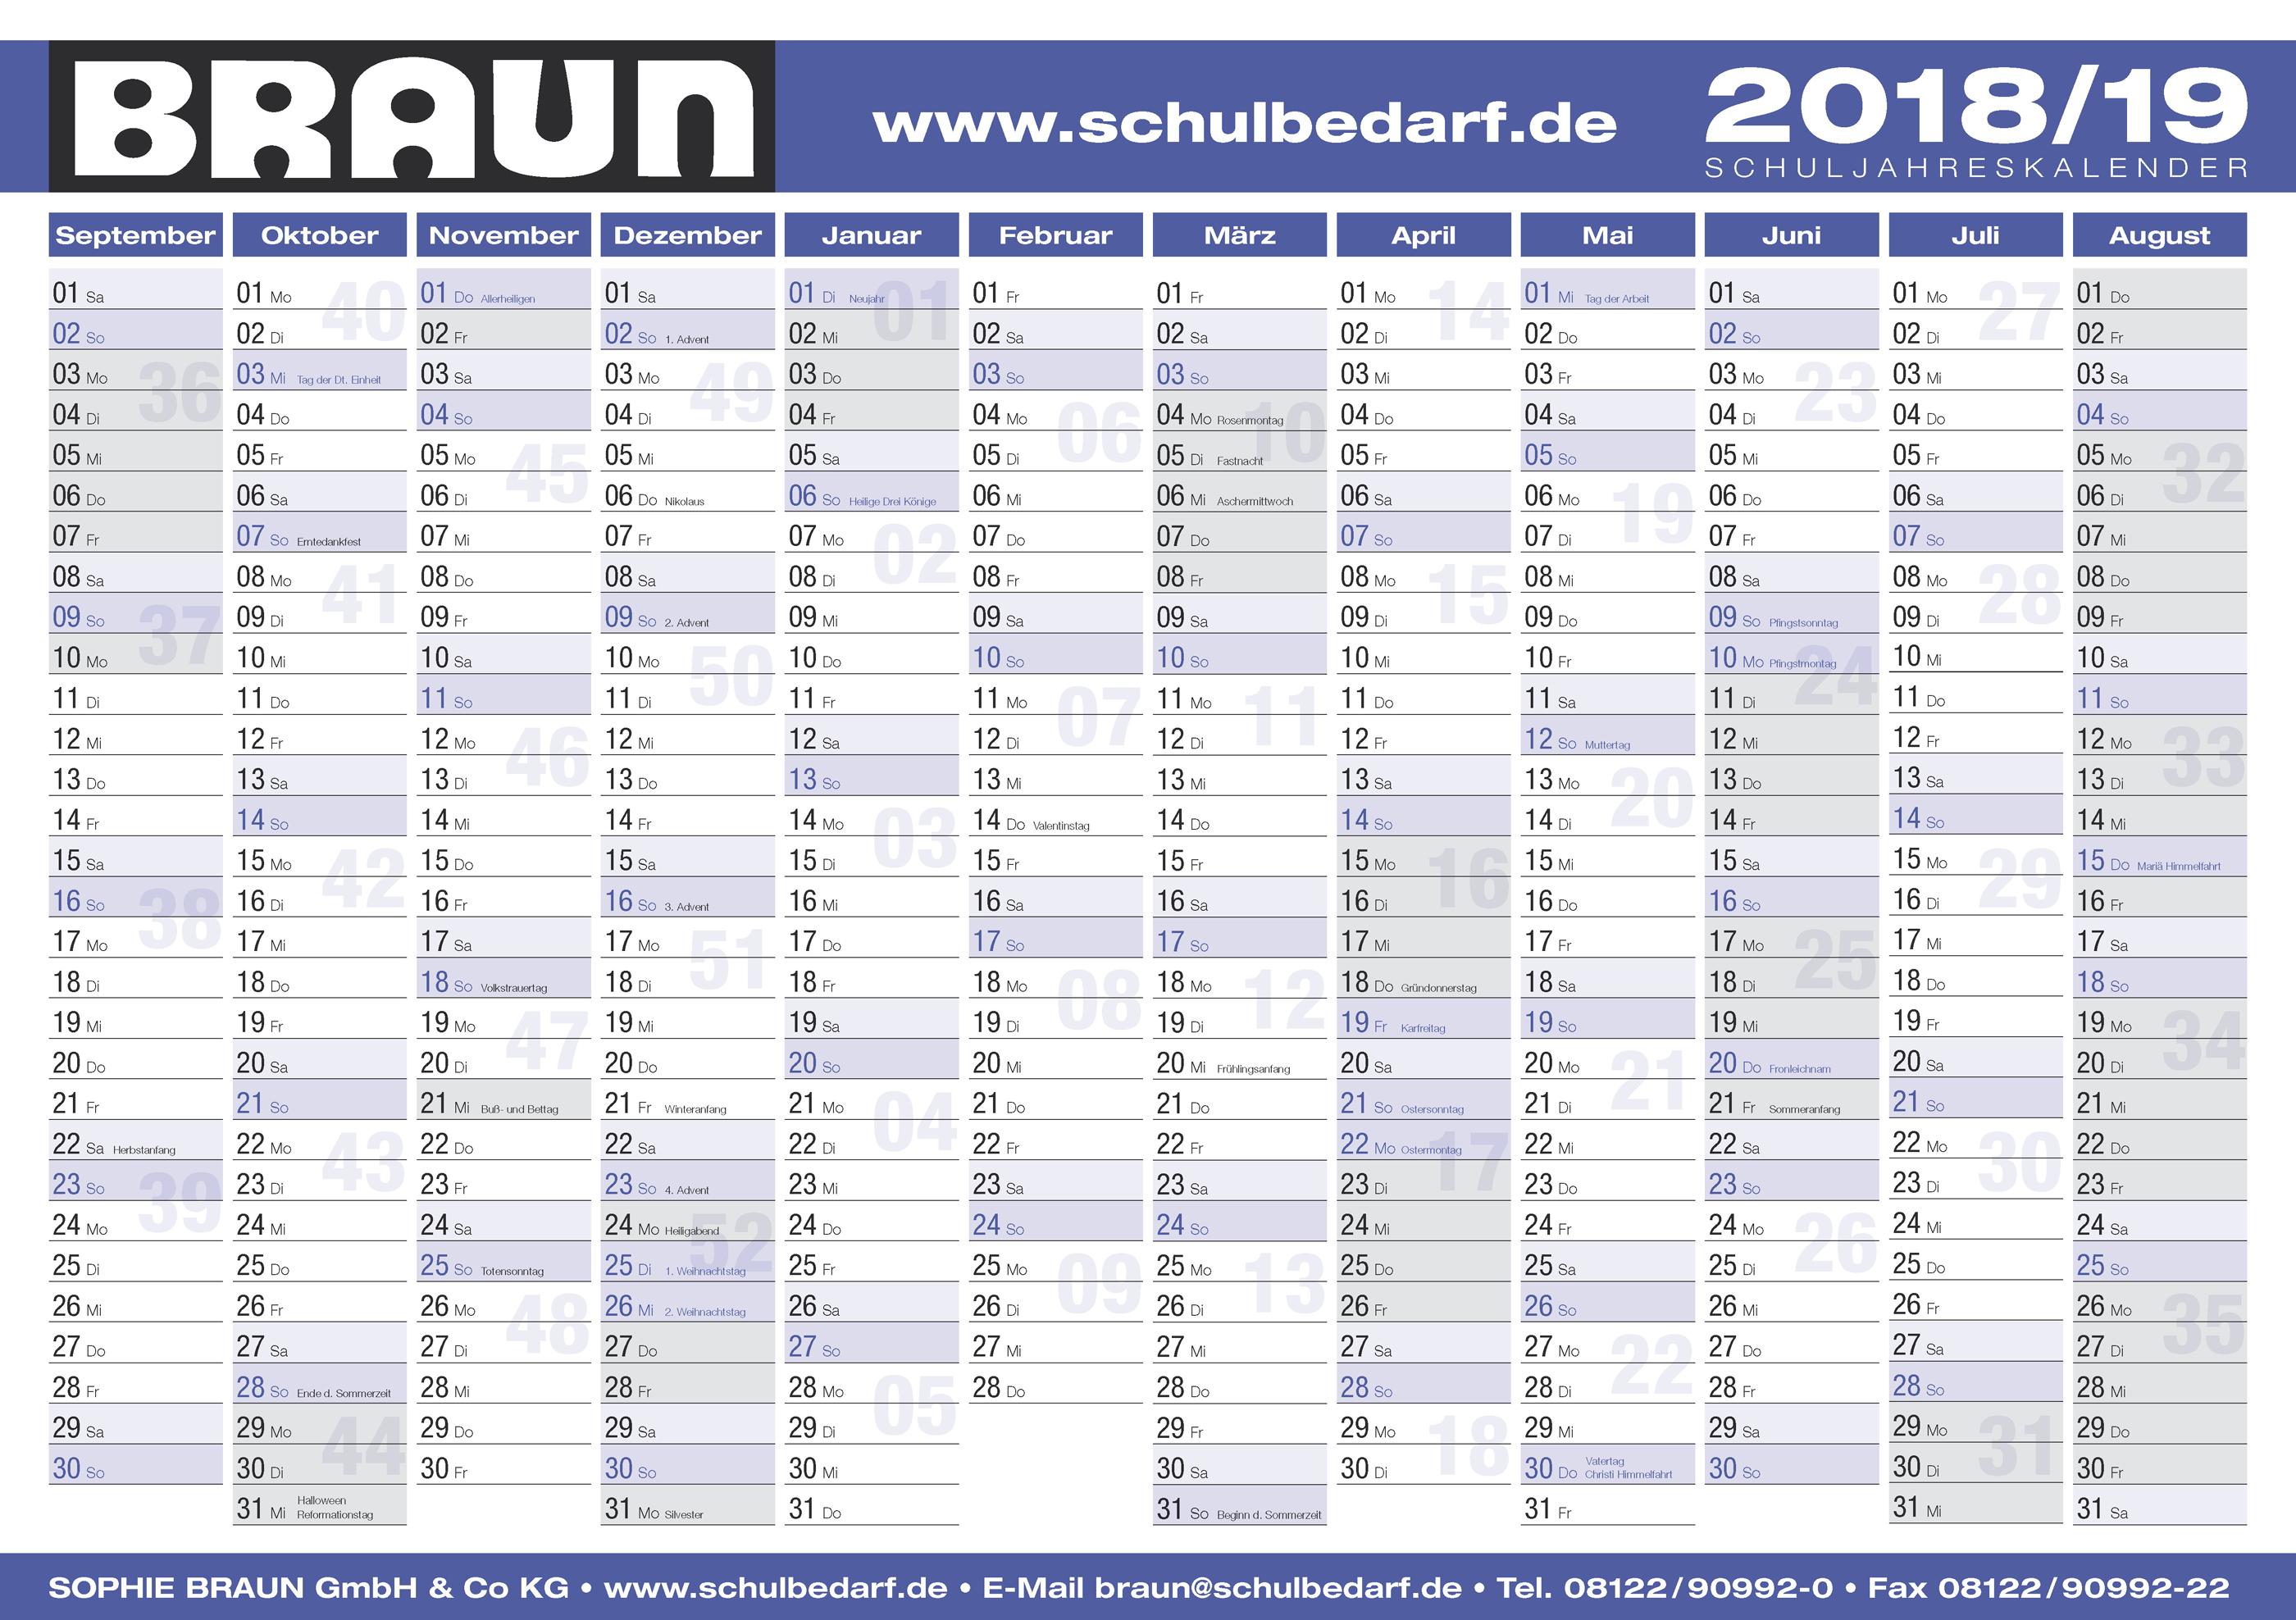 BRAUN Schulbedarf - Für Schule und Kindergarten - Wandkalender 2019